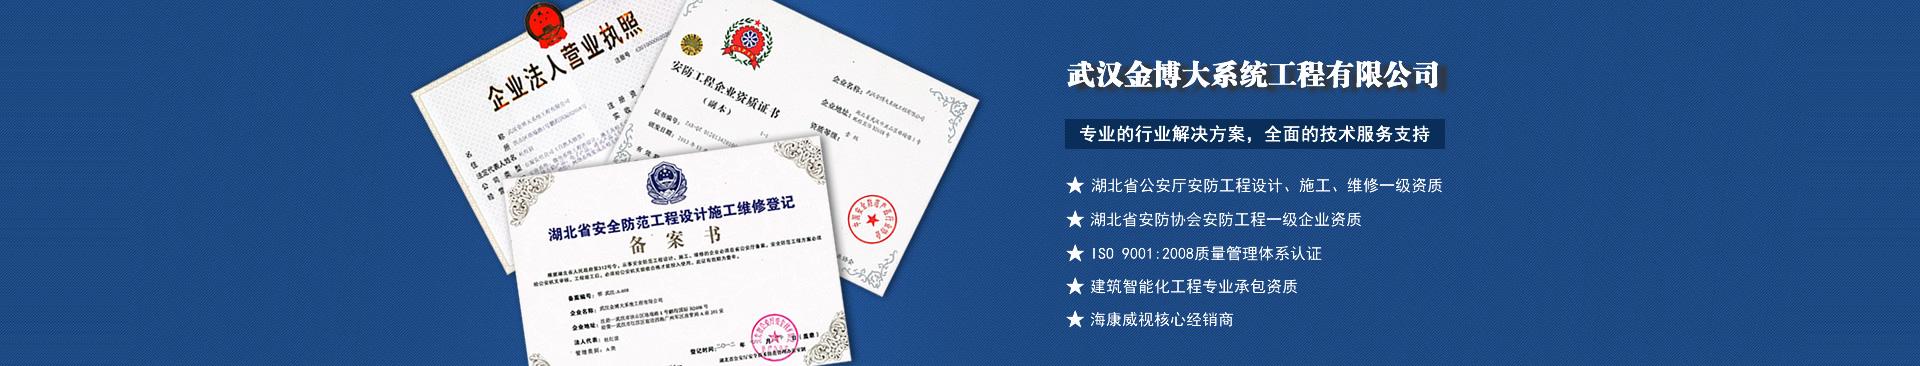 武汉金博大,湖北省一级德赢ac官方合作资质企业!